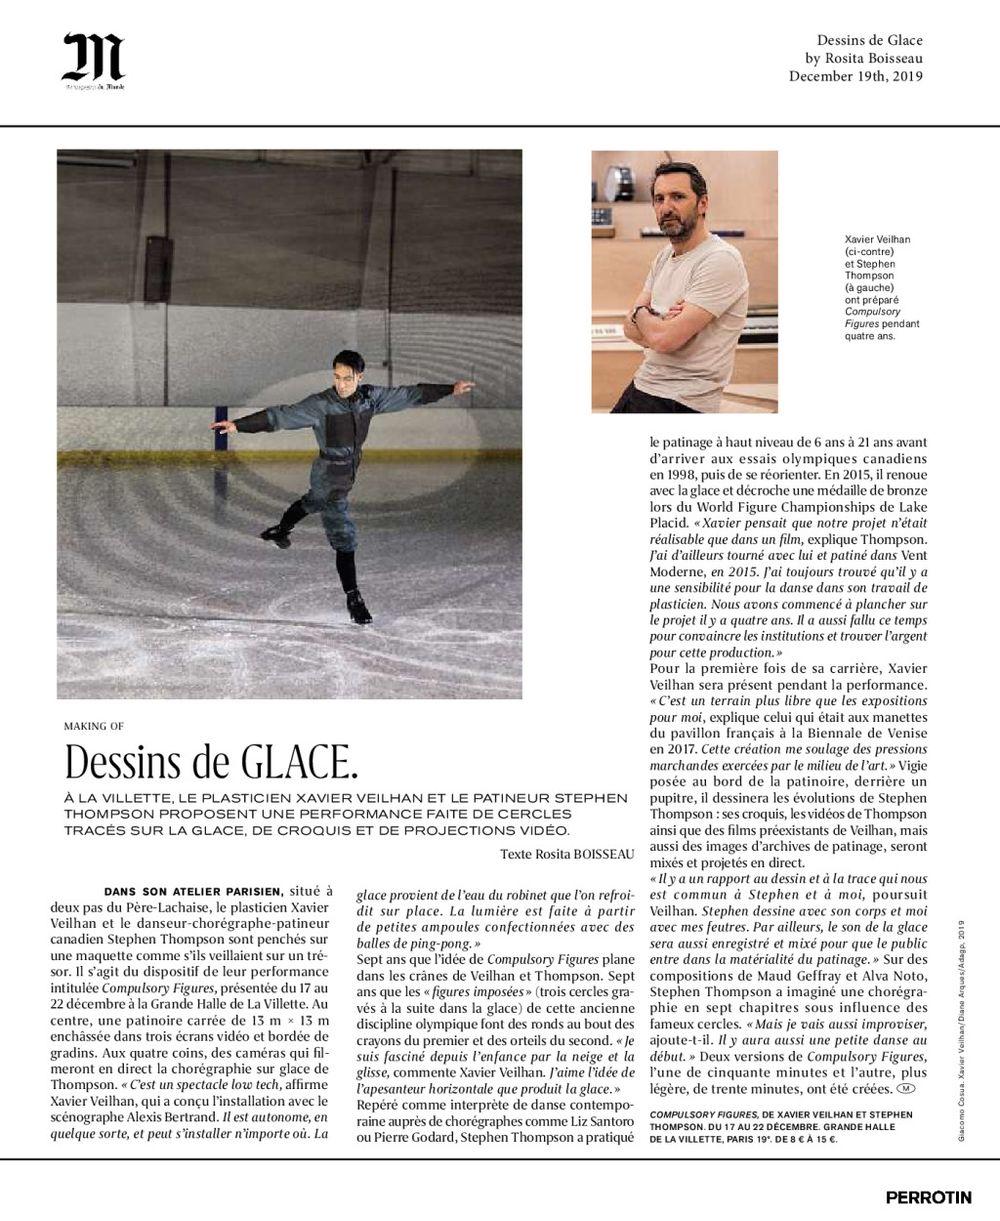 Le Monde | Xavier VEILHAN